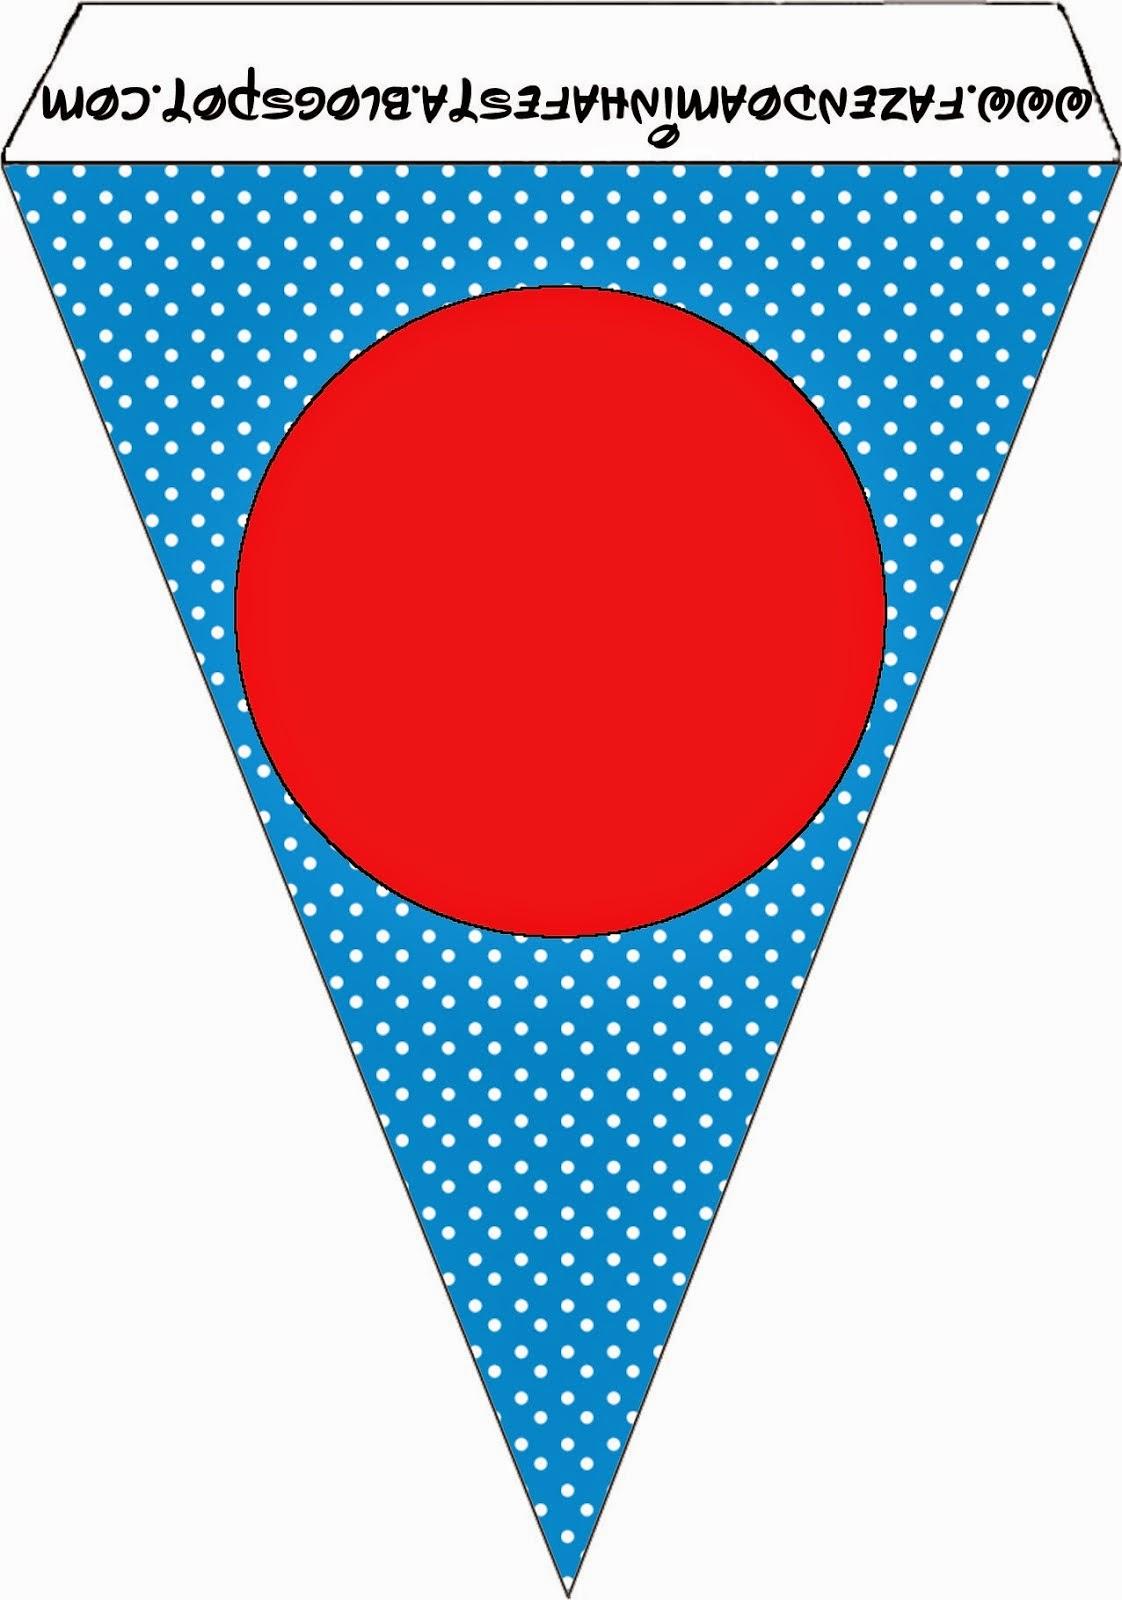 Banderines de Rojo, Amarillo y Azul para imprimir gratis.